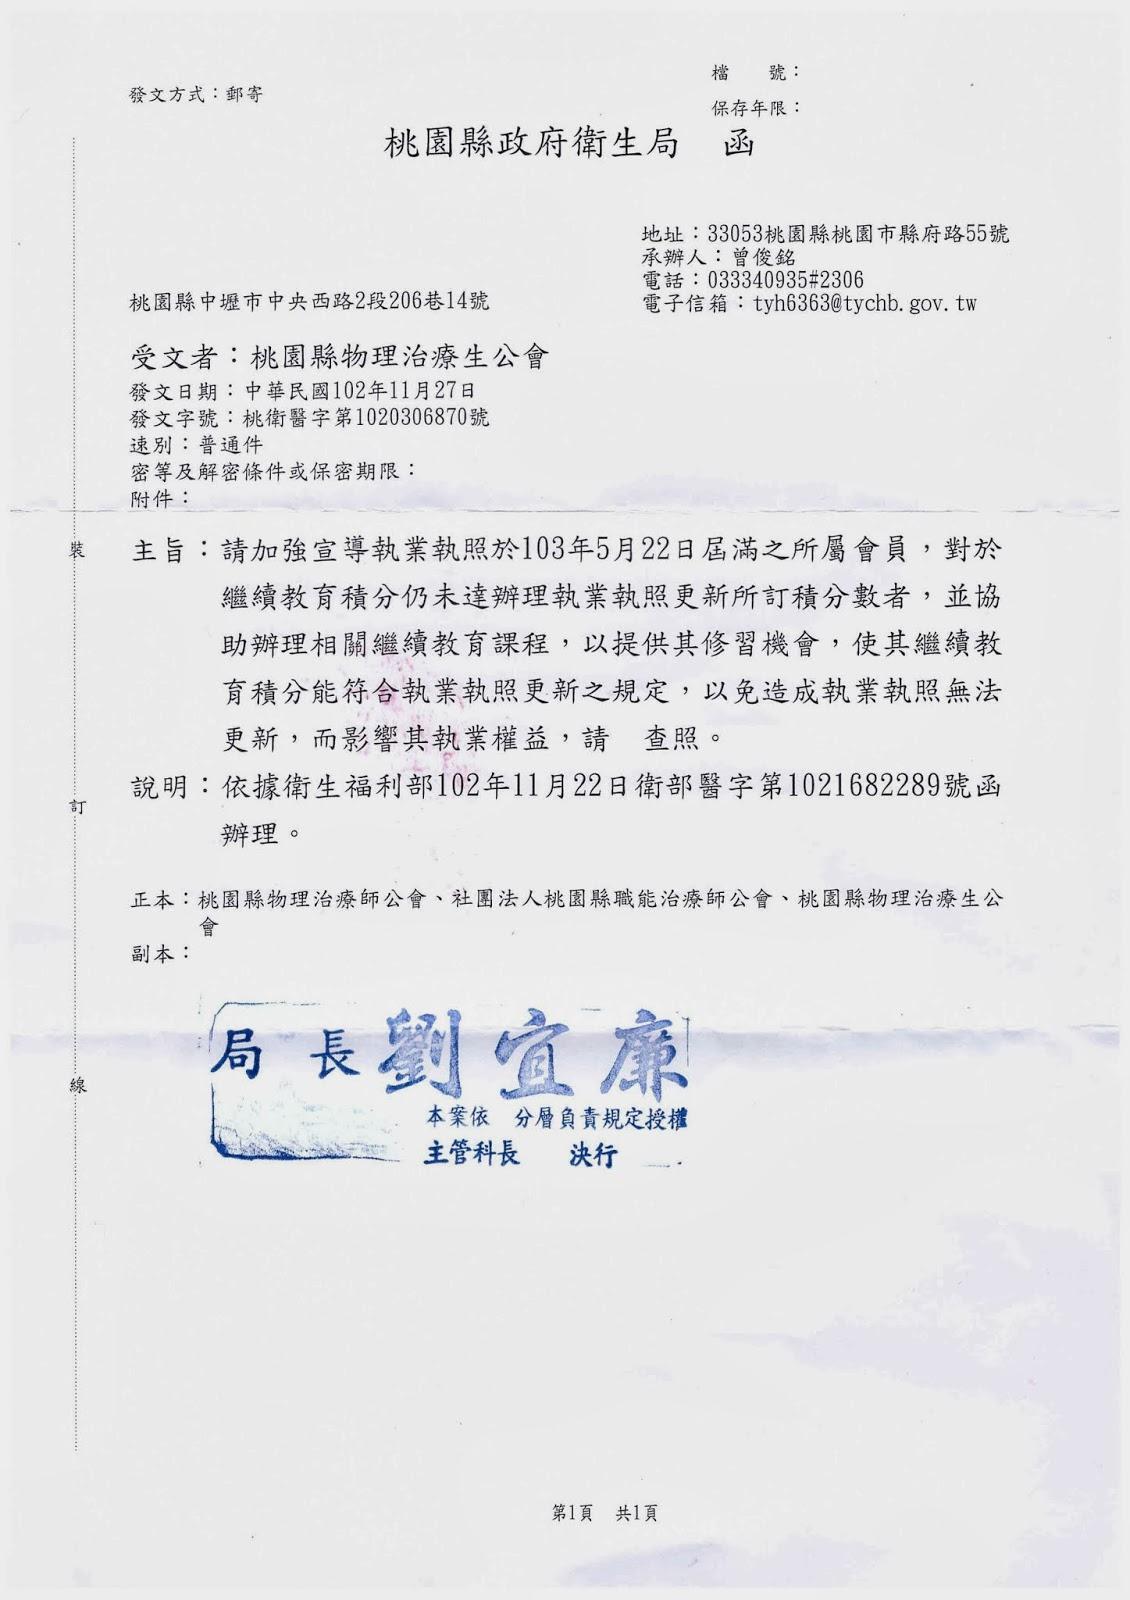 桃園市物理治療生公會: 2013/12/1 - 2014/1/1